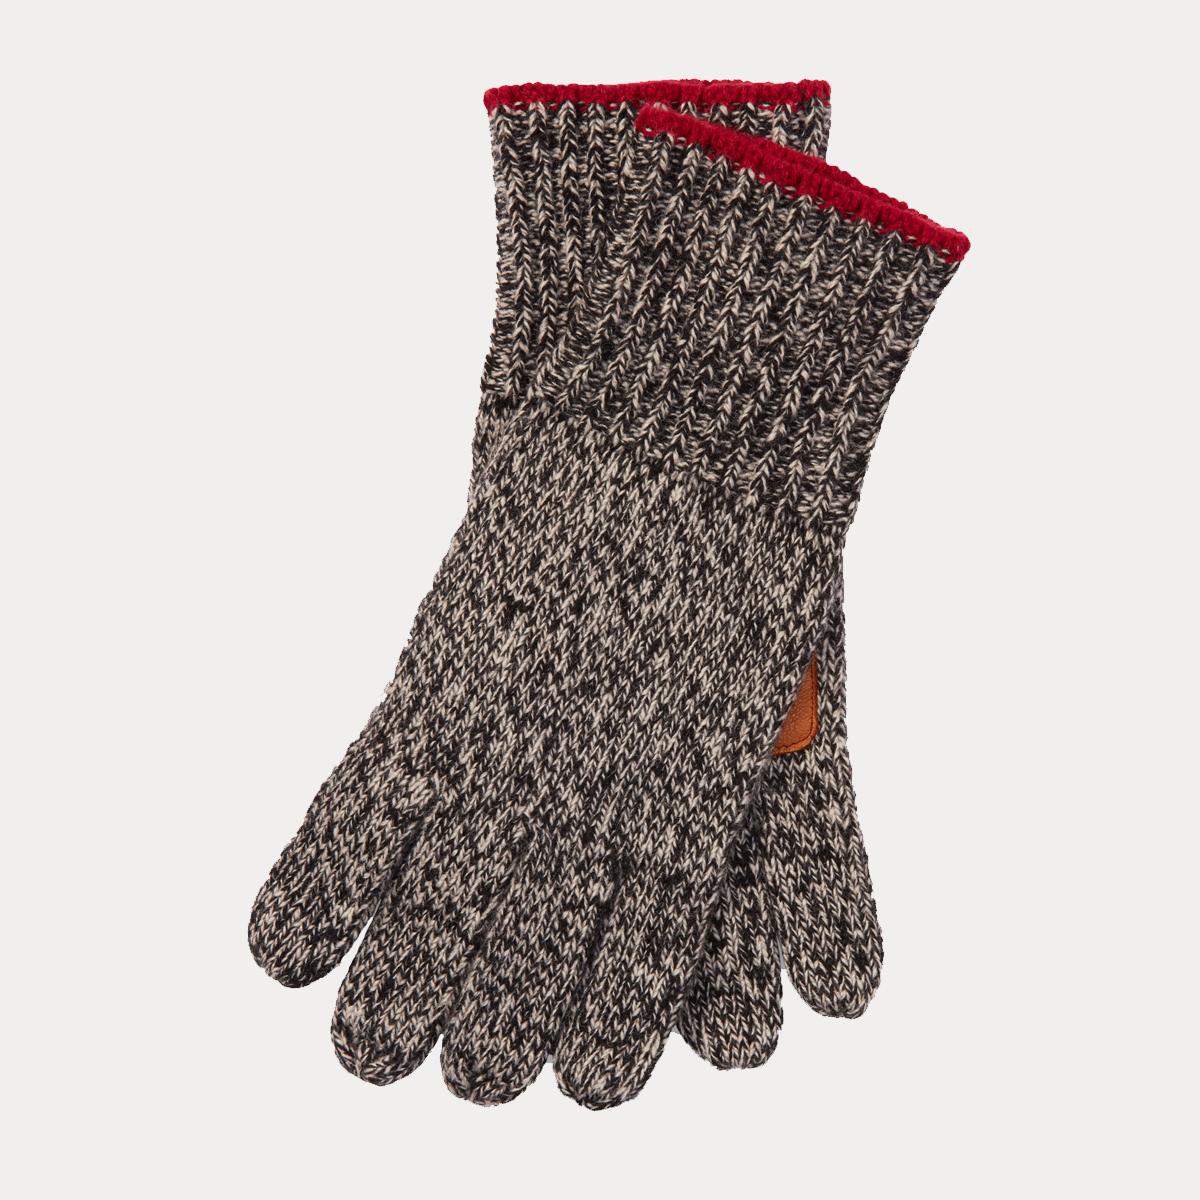 Deerskin-Palm Knit Gloves